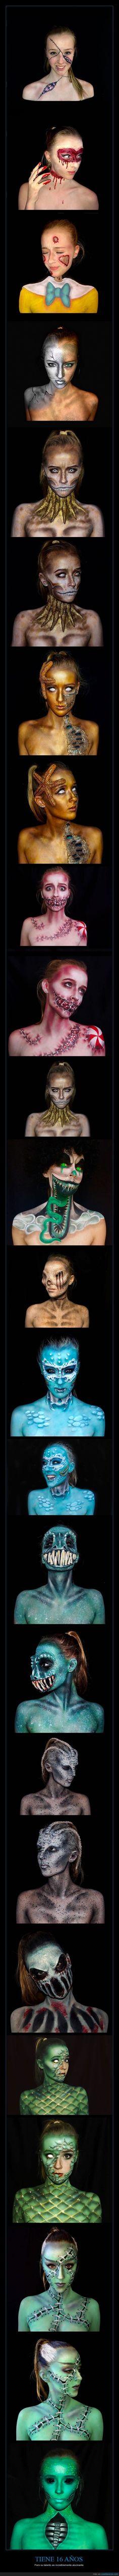 Tiene 16 años y crea estas obras de arte con maquillaje - Pero su talento es increíblemente alucinante